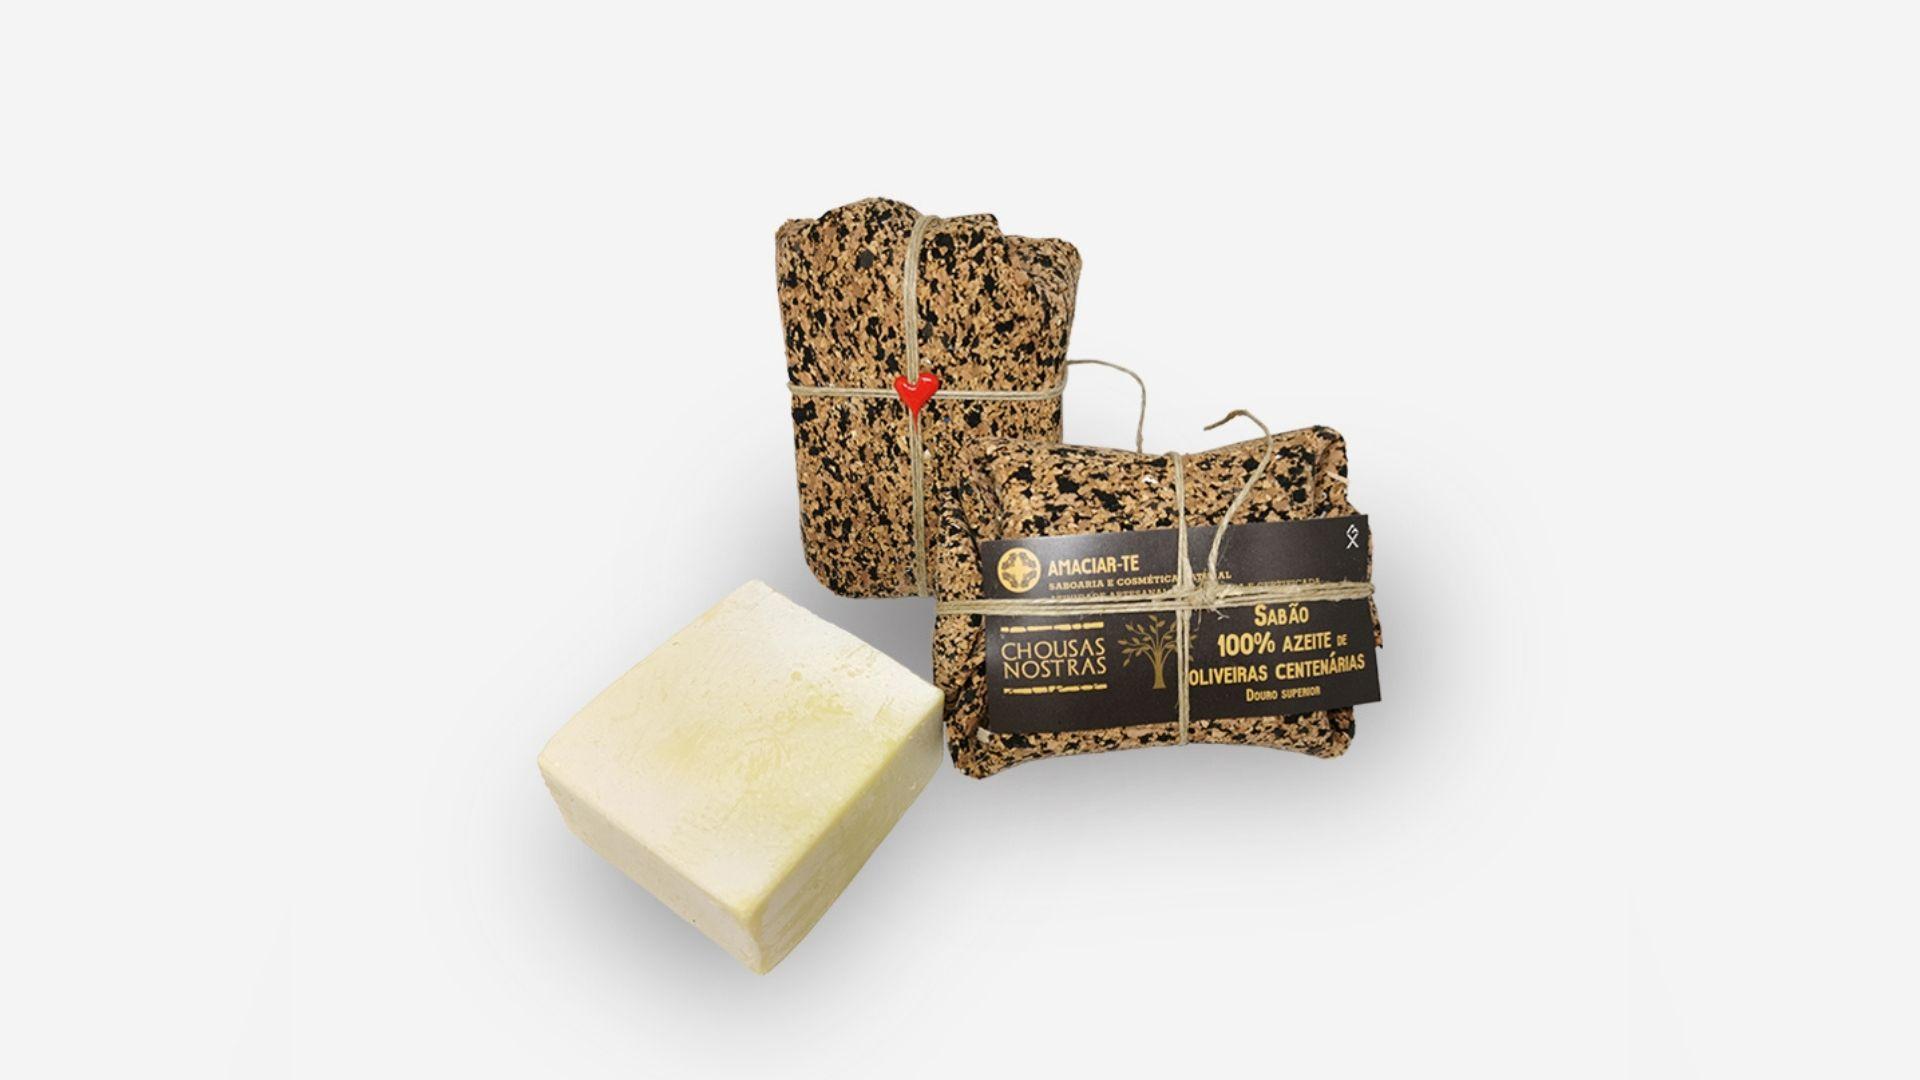 Edição Especial - Sabonete 100% Azeite Chousas Nostras